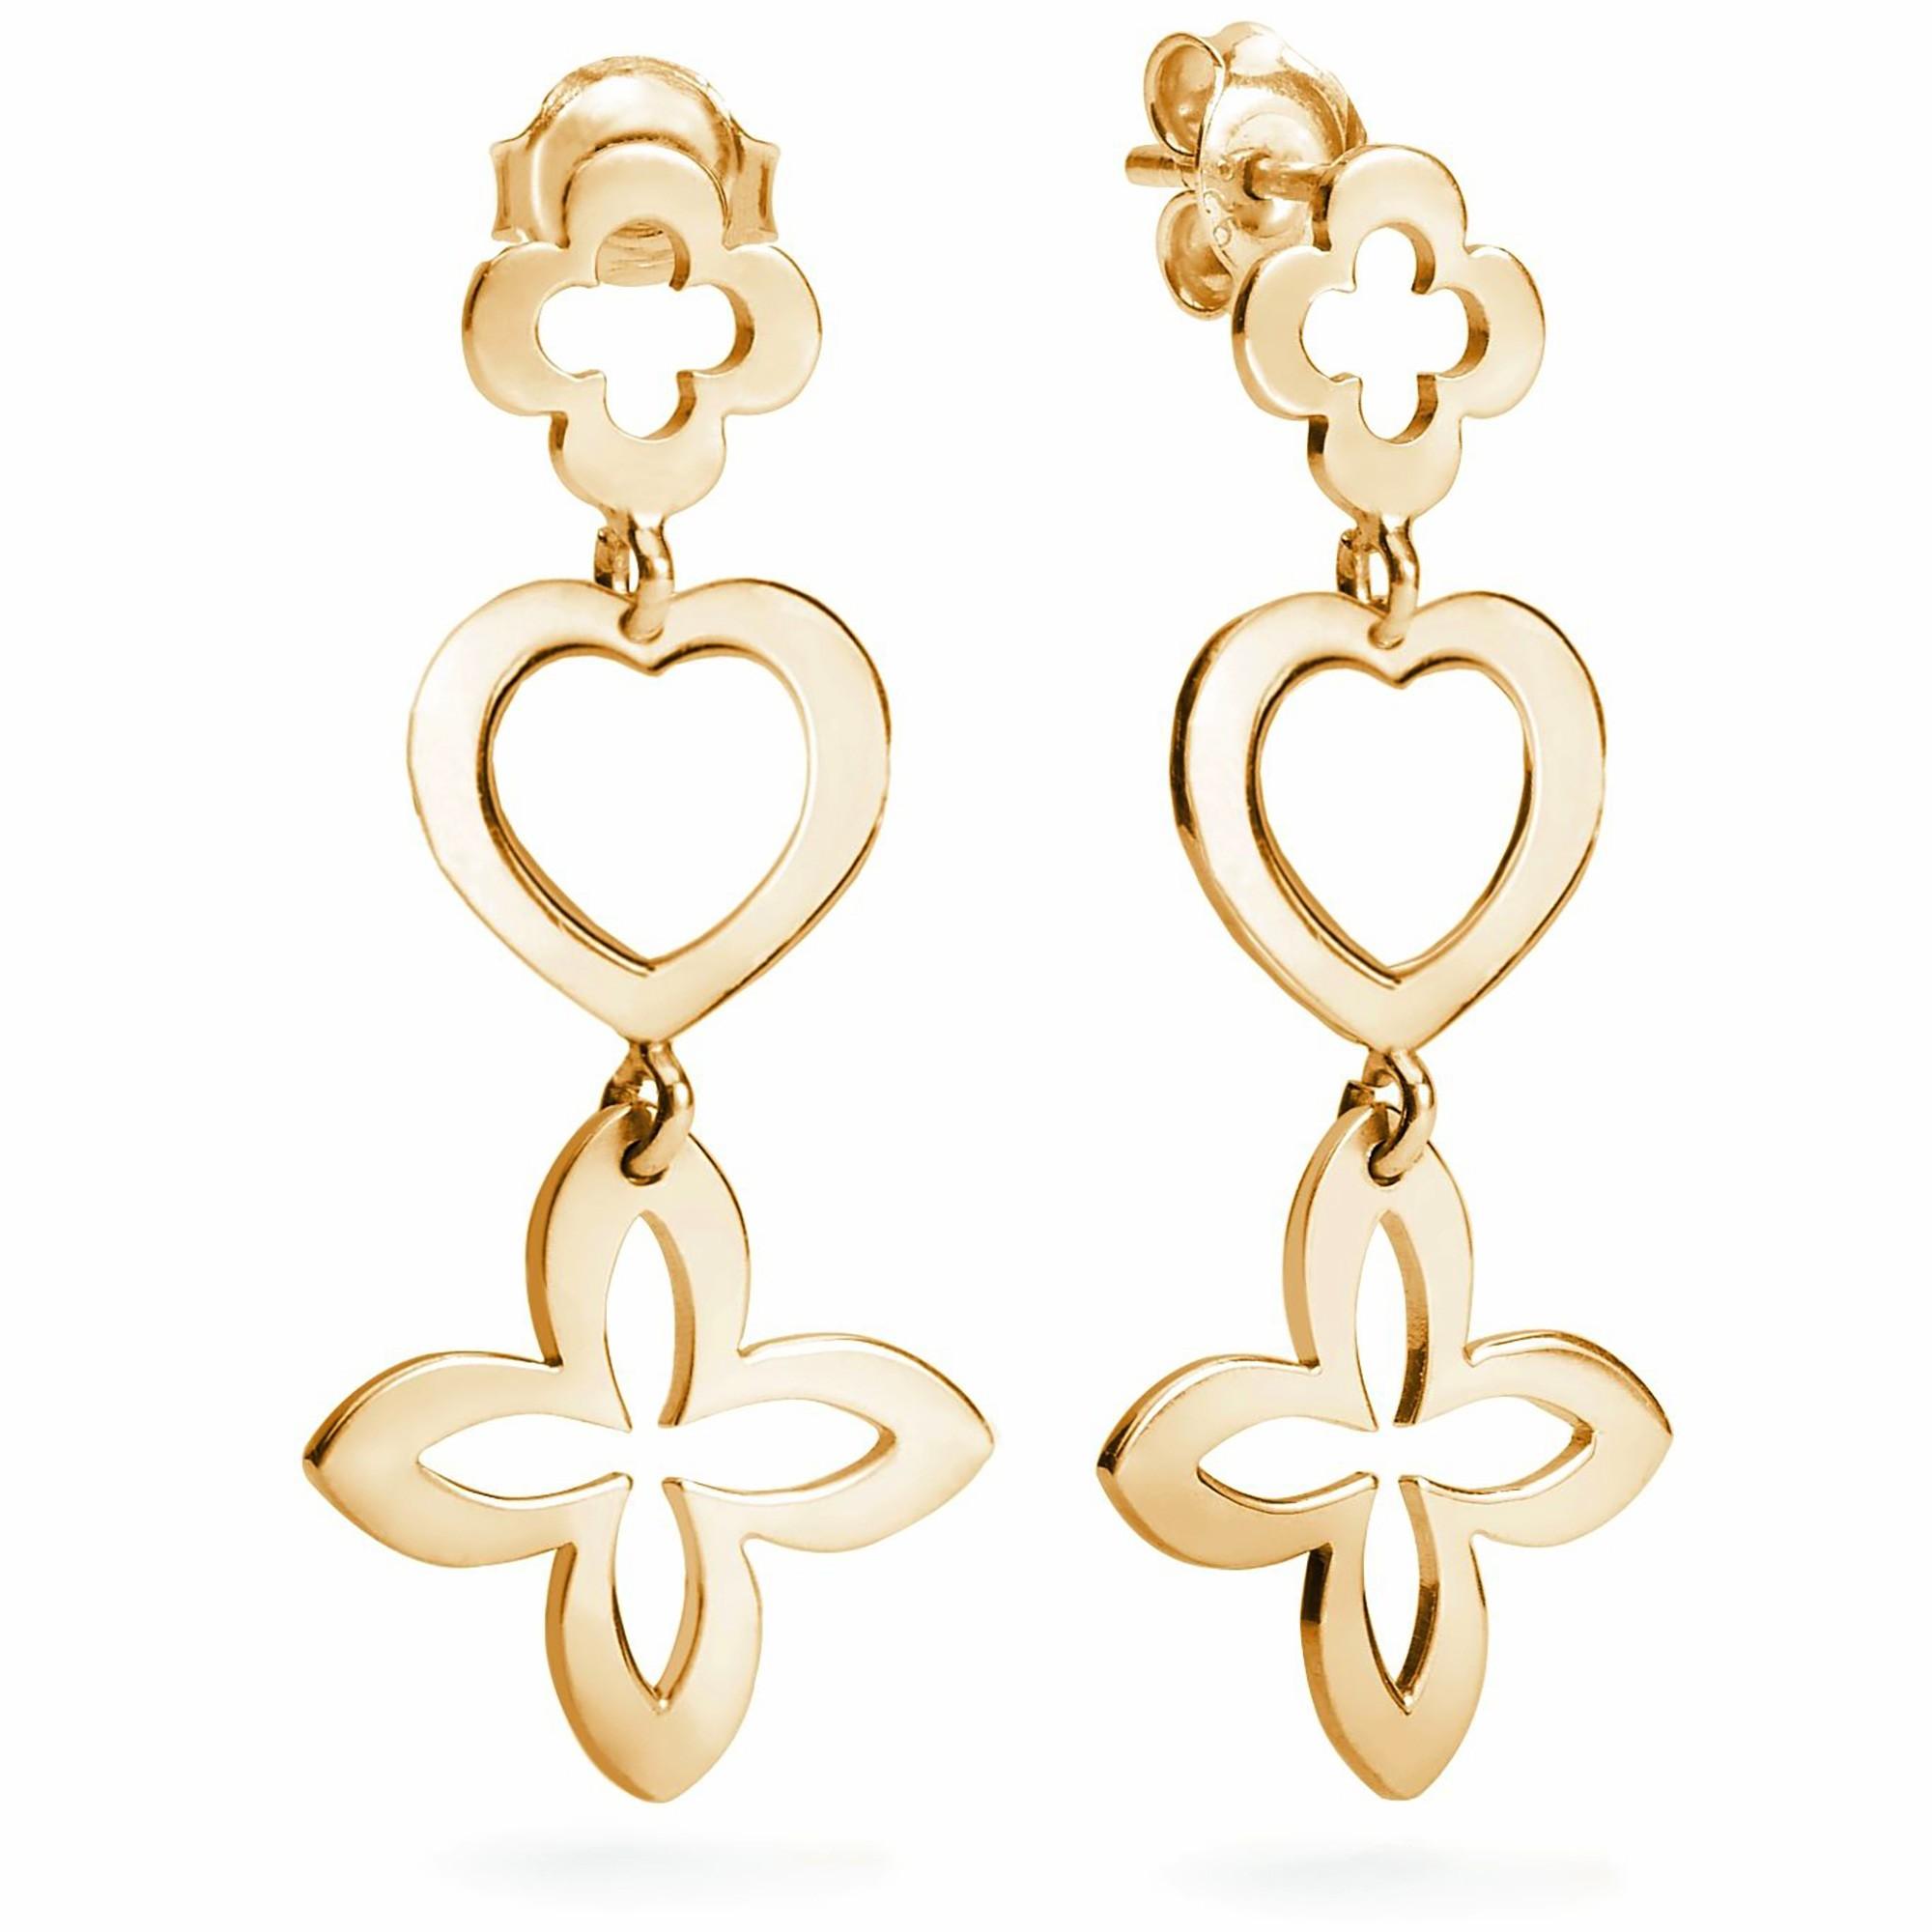 Boucles d'oreilles ajourées 3 éléments trèfle en plaqué or